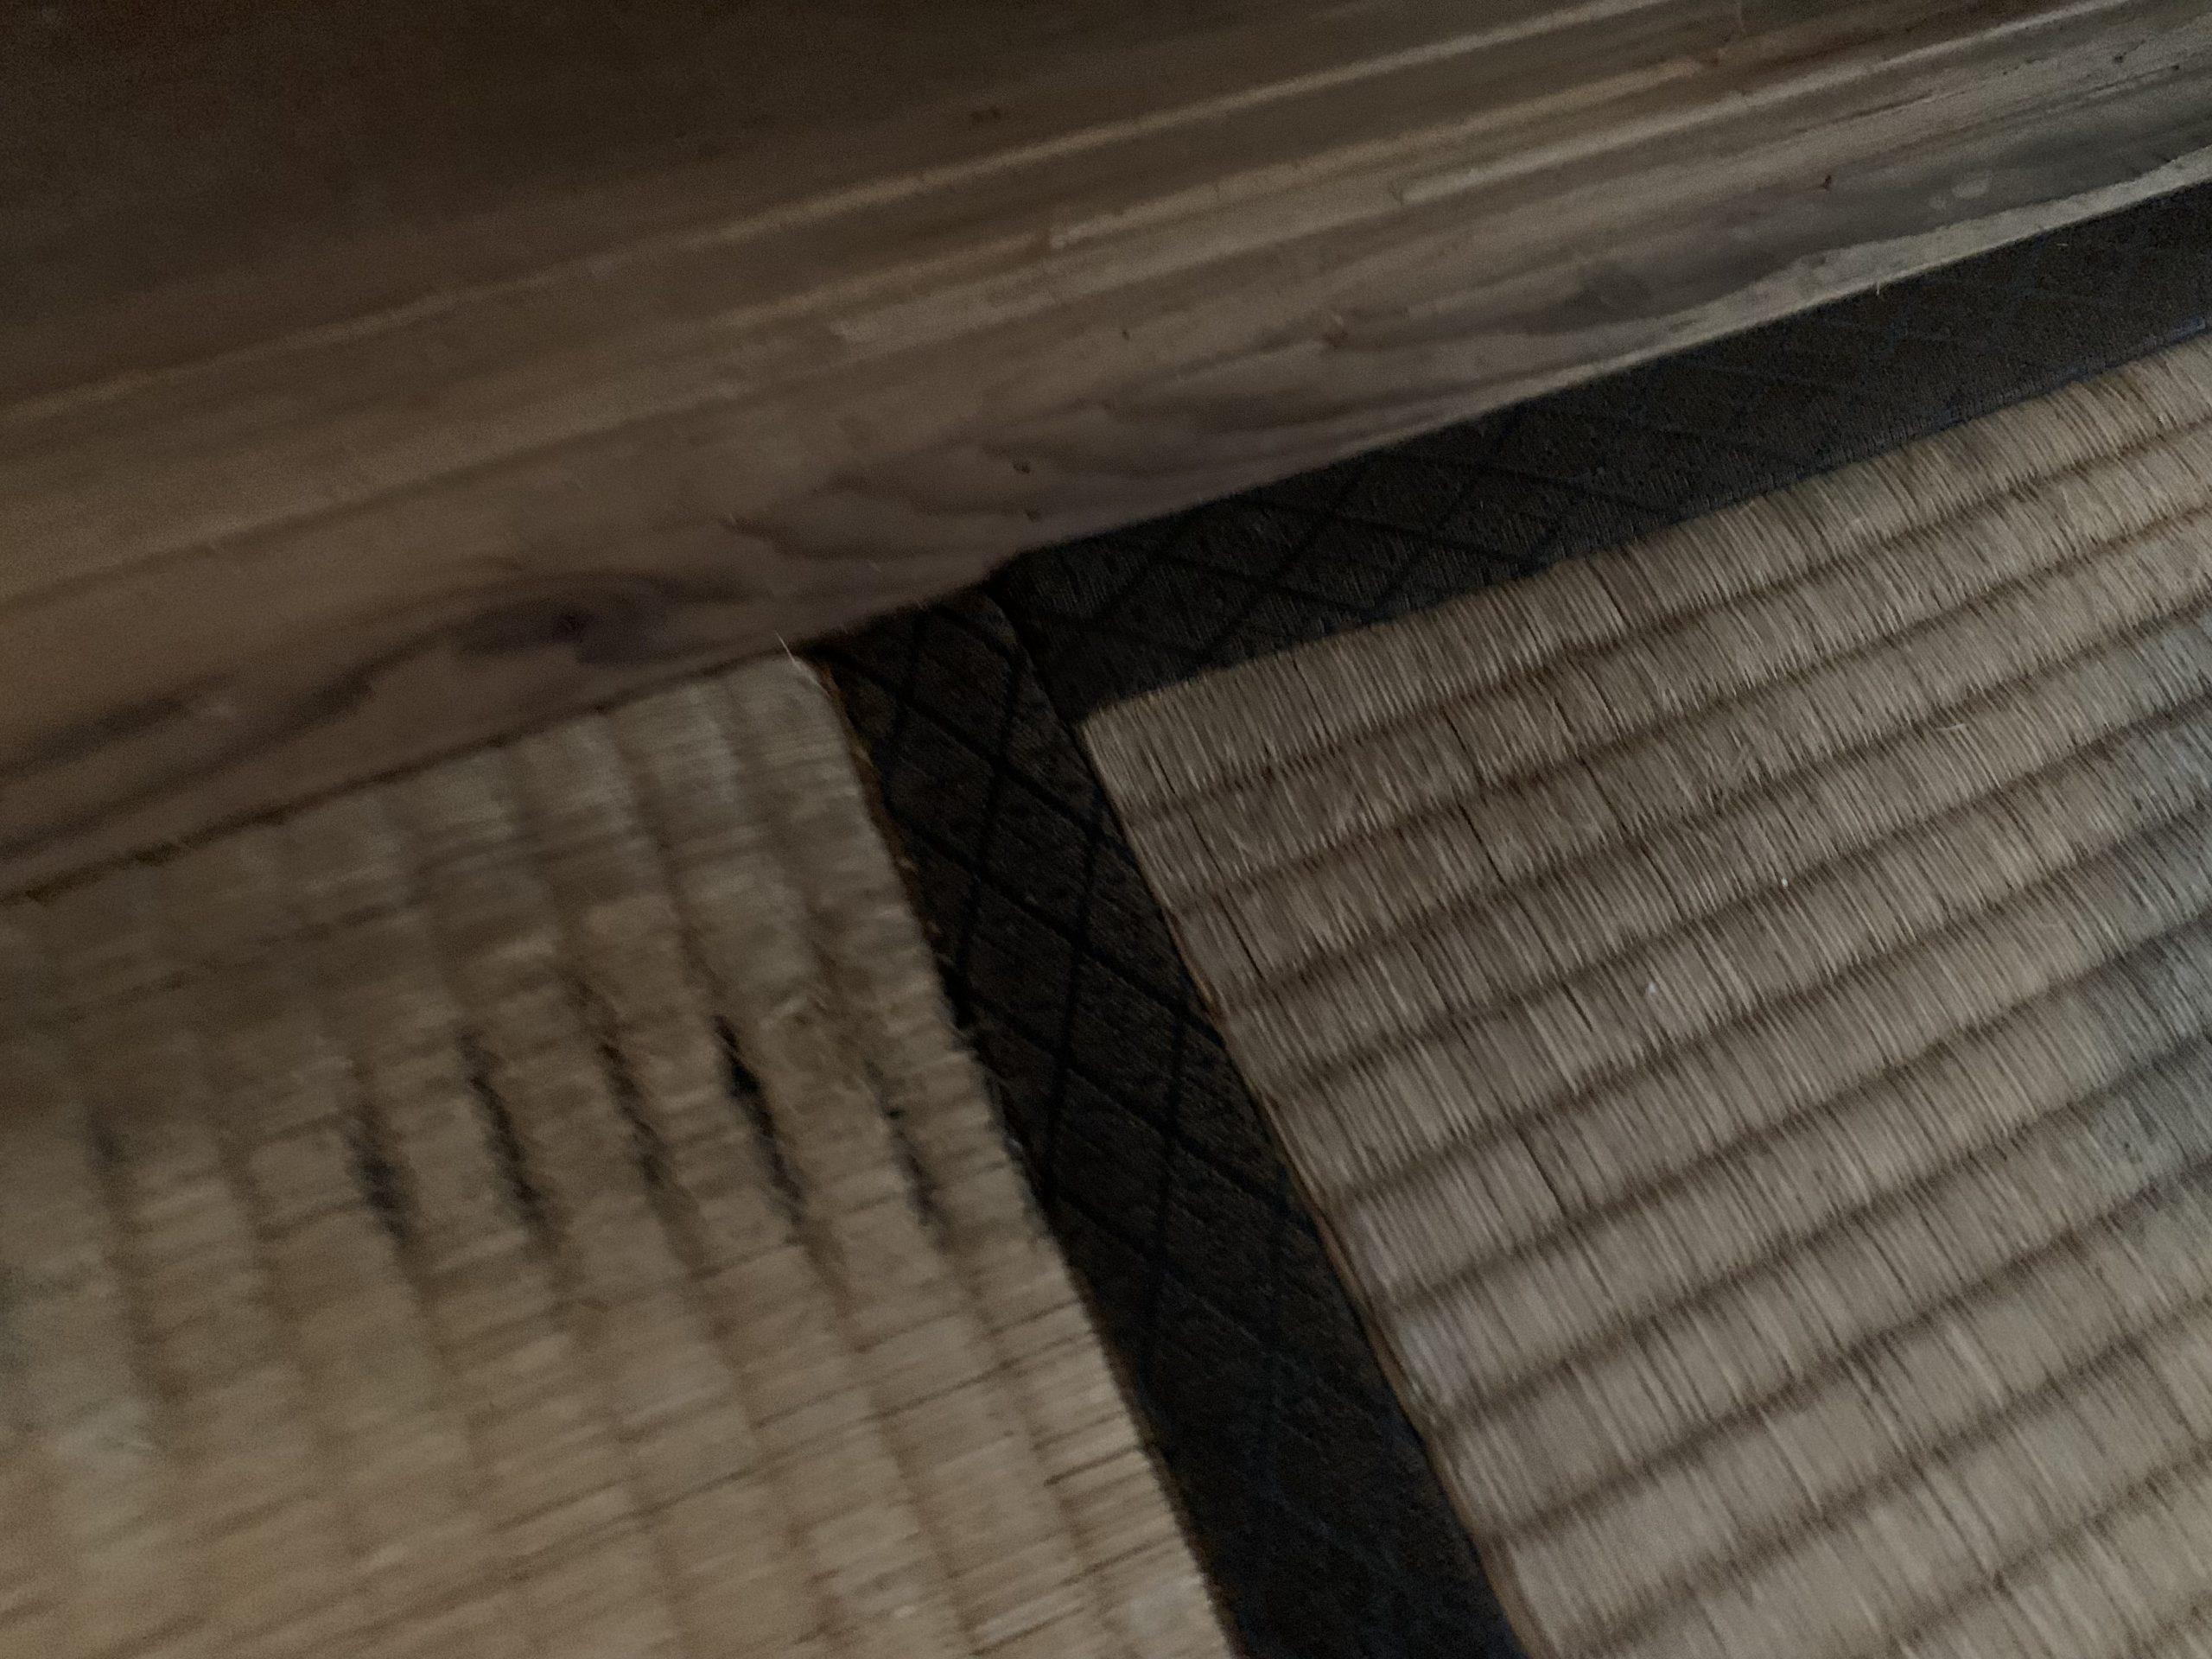 雨漏りにより傷んだ畳